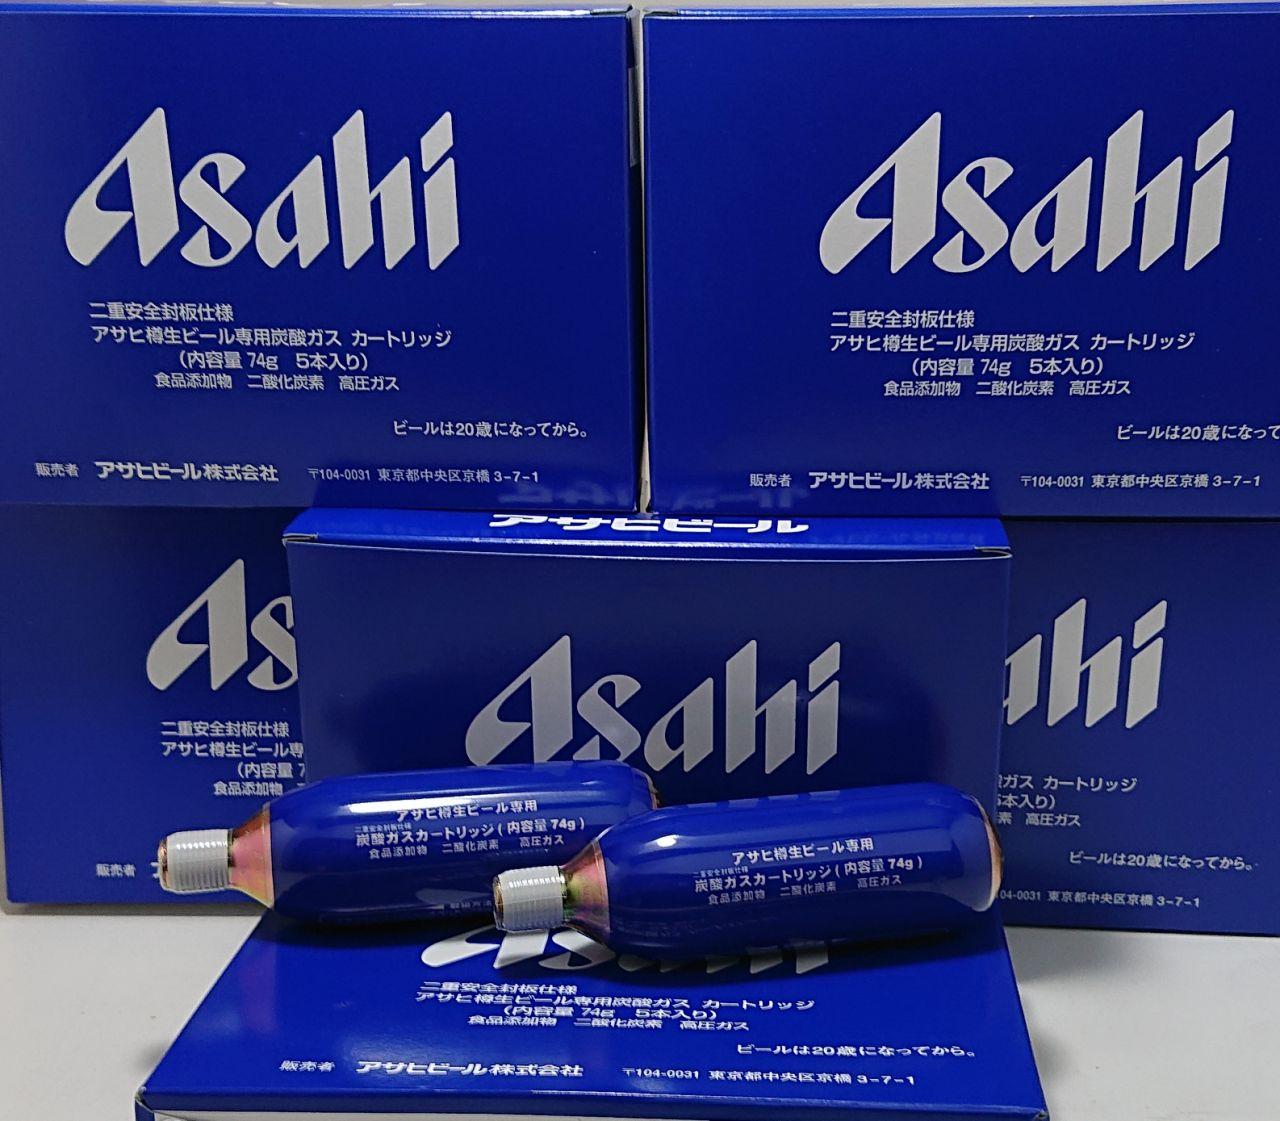 アサヒ炭酸ガスカートリッジ74g 5本入り箱×10箱で 送料込価格(使用につきましてはアサヒビール社にお問い合わせください。連絡先0120-011-121 この商品はアサヒビール社以外には使用はしないで下さい。)アサヒ ビール 炭酸ガス 炭酸カートリッジ